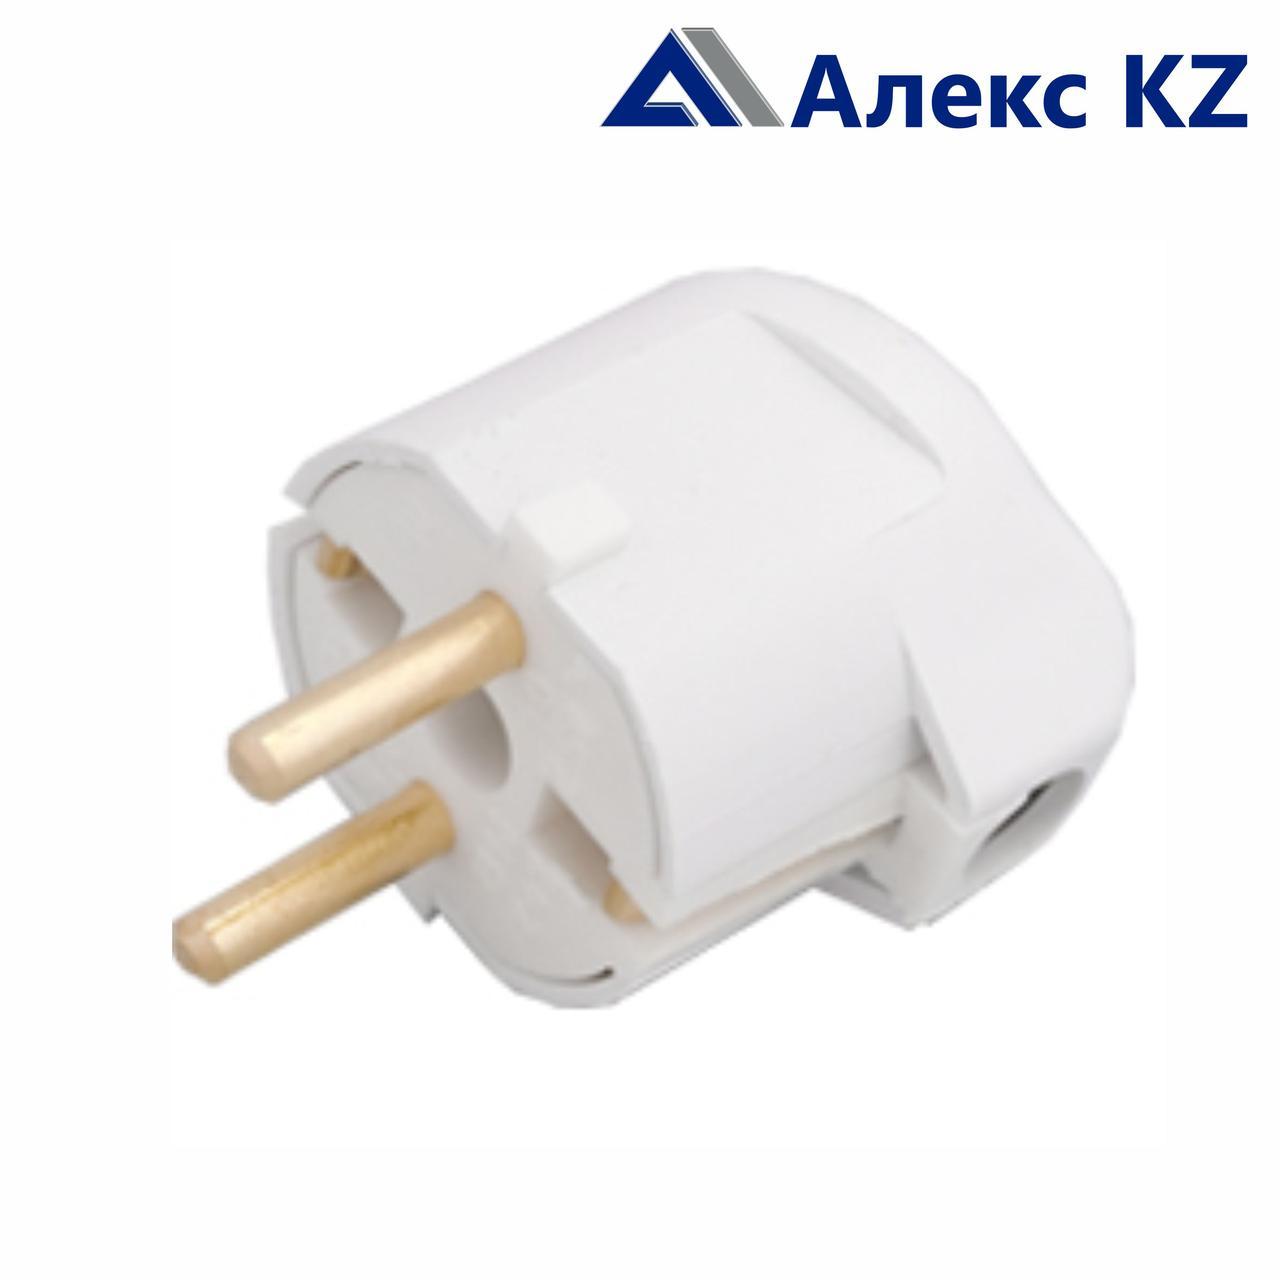 Вилка электрическая В16-242